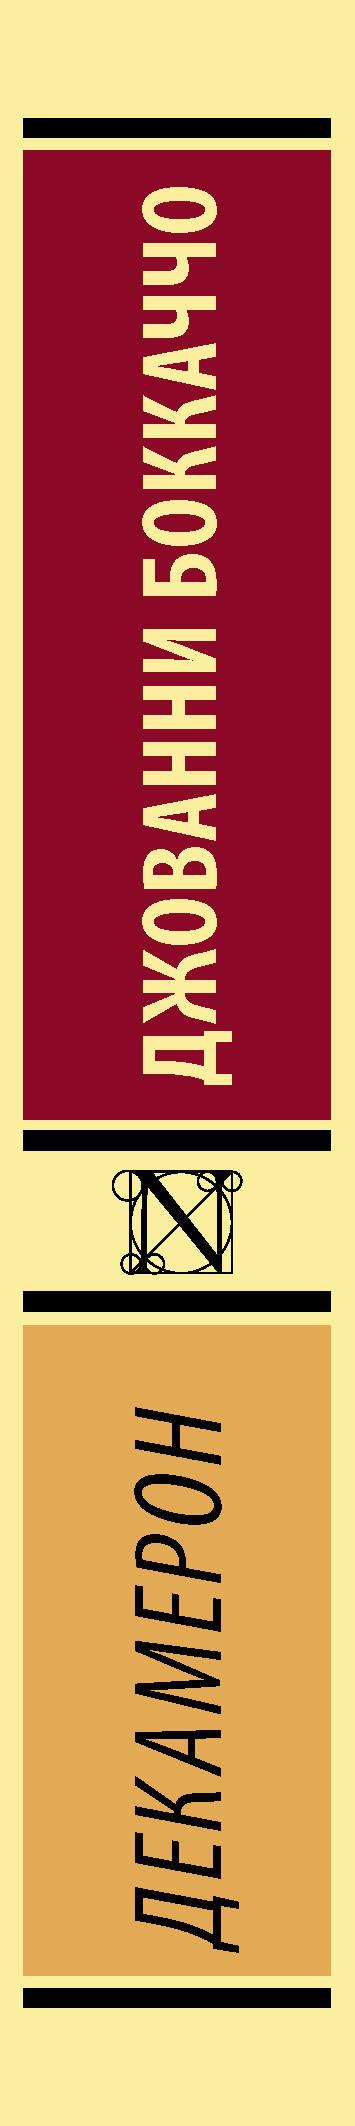 Декамерон Величайшее прозаическое произведение Раннего Возрождения, 100 новелл...